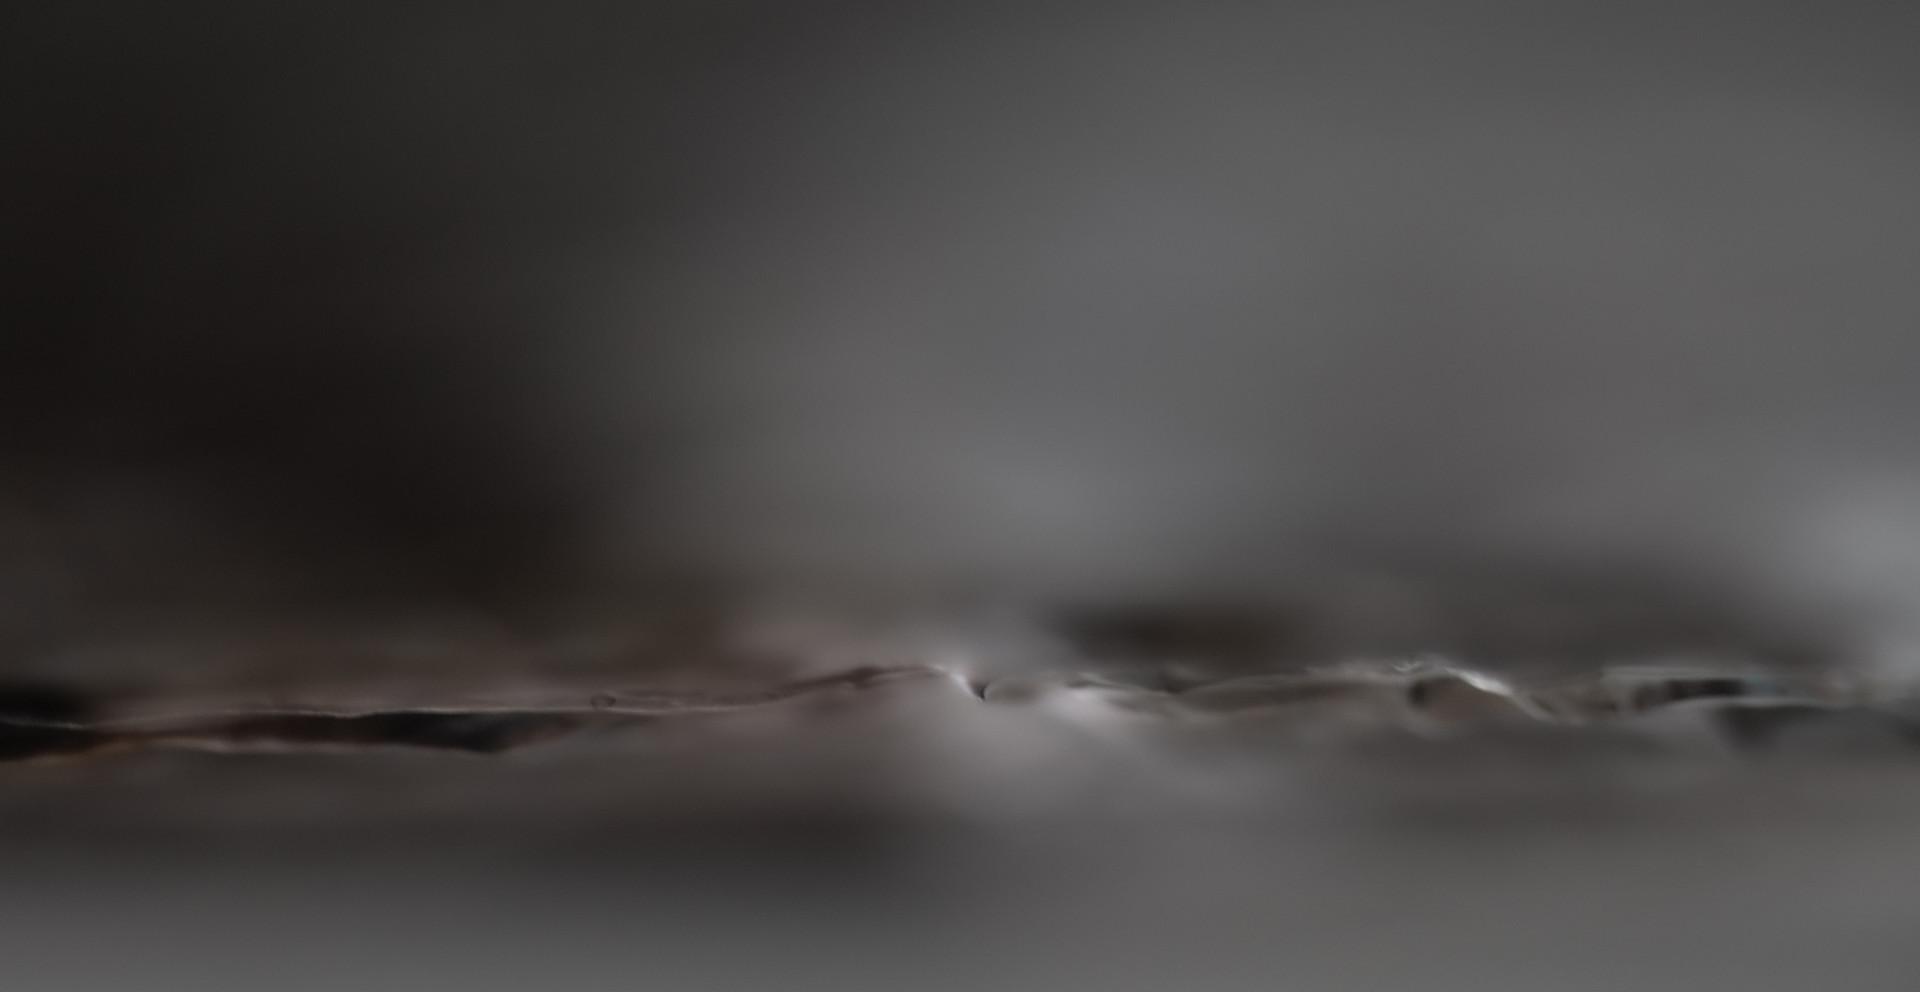 Silence_Banner_Image_02.jpg